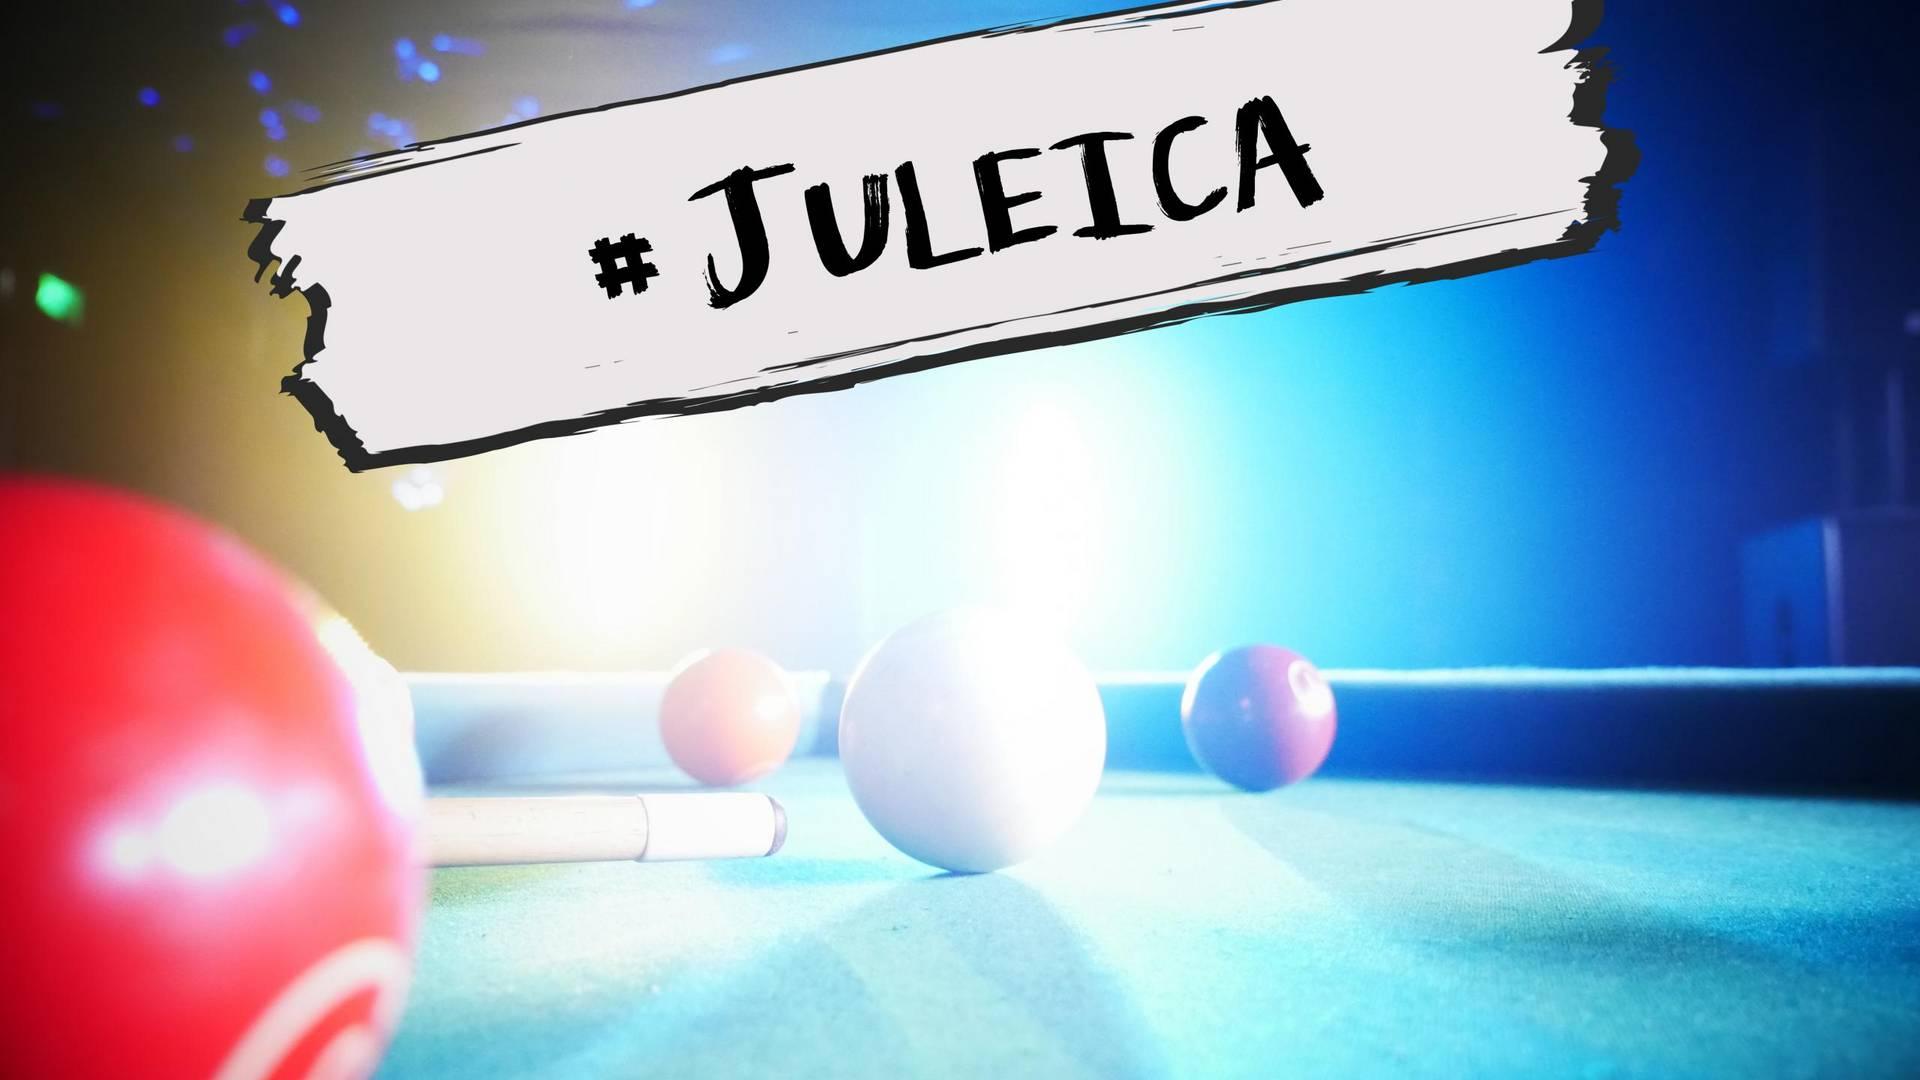 juleica ©Stadt Lehrte